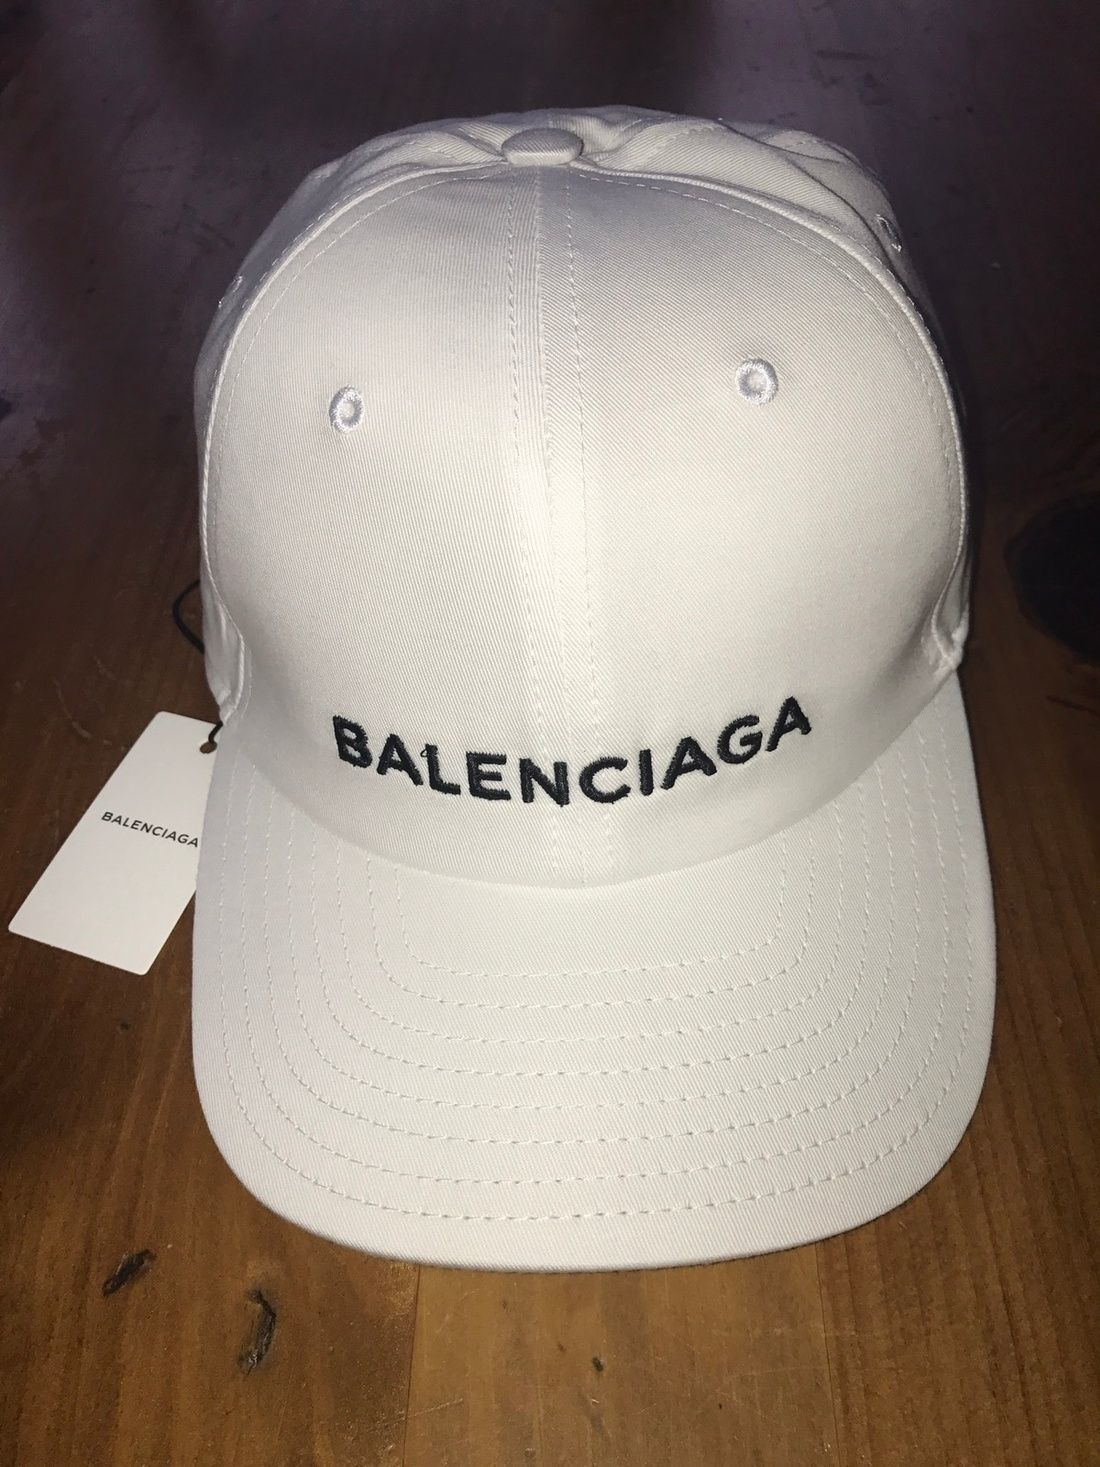 b287f730 Balenciaga Balenciaga Cap Size One Size $450 - Grailed ...